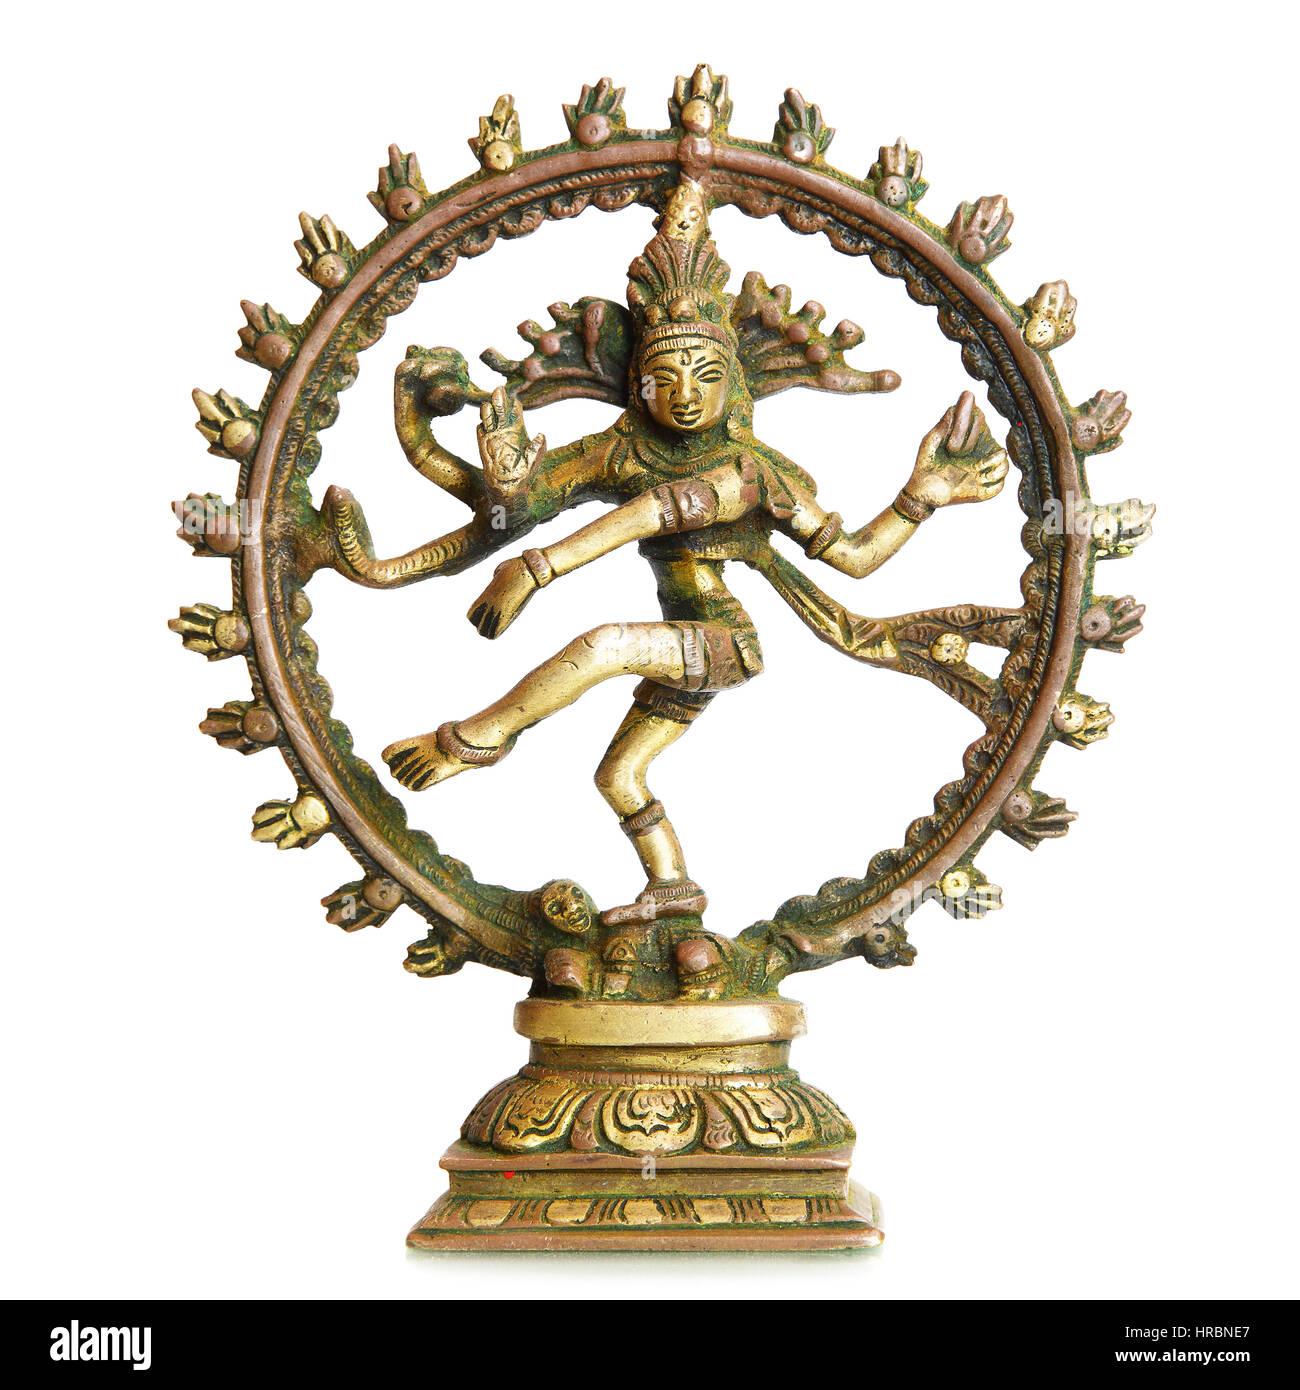 Figurine of Hindu God Shiva isolated over the white background - Stock Image